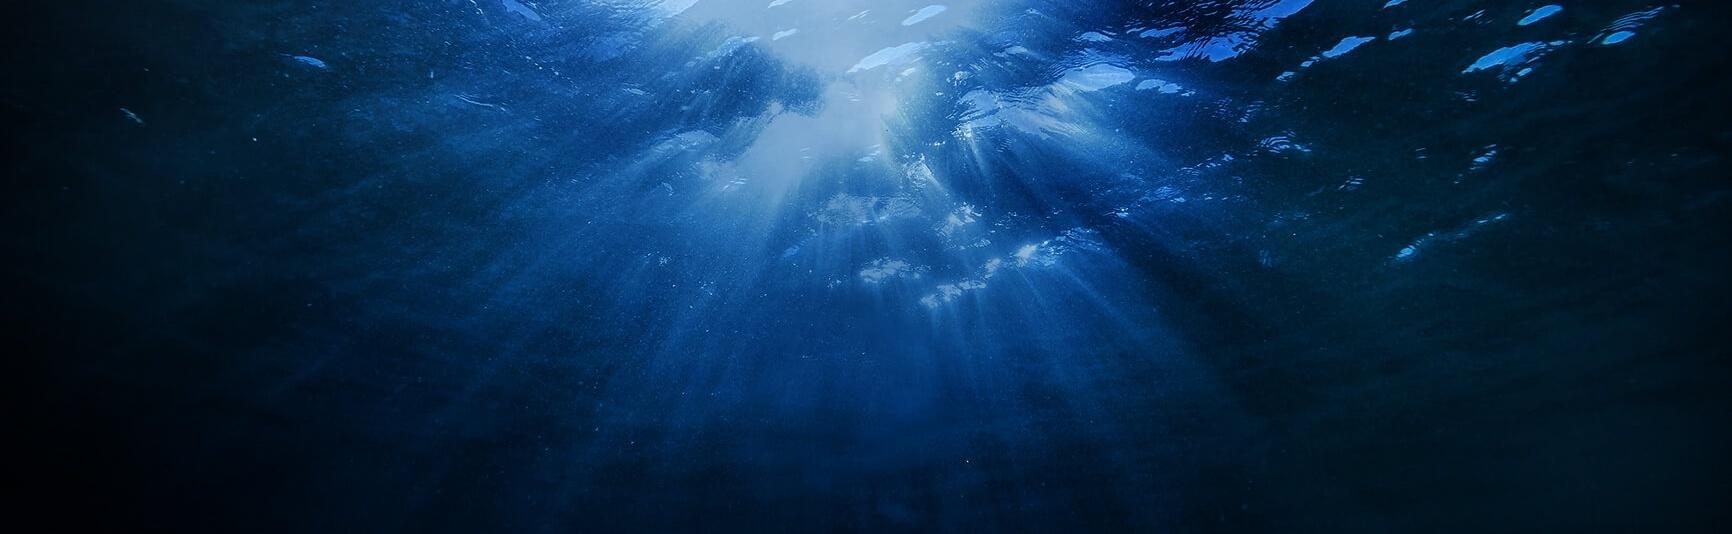 Qrill aqua front top-v2-tp-629802-edited.jpg